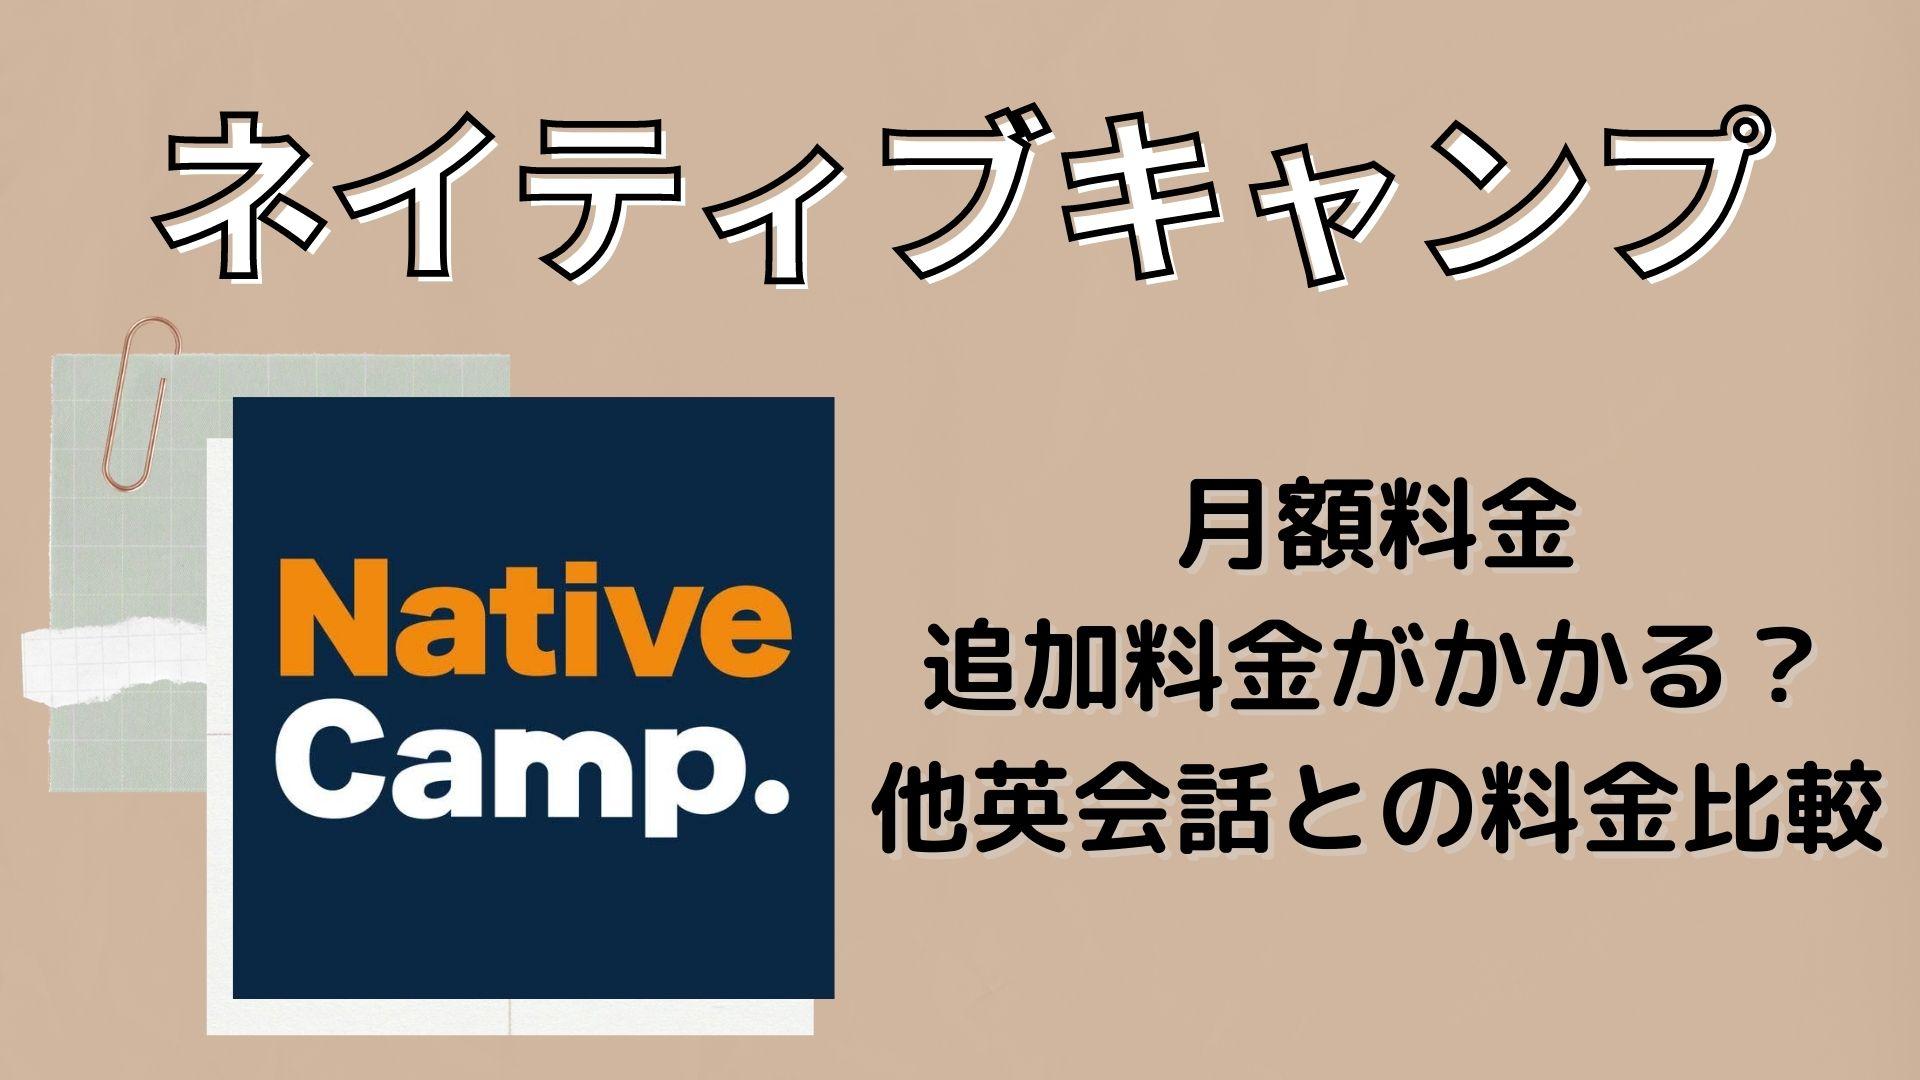 ネイティブキャンプは本当に月額6,480円でレッスン受け放題?別にお金がかかる場合もある?